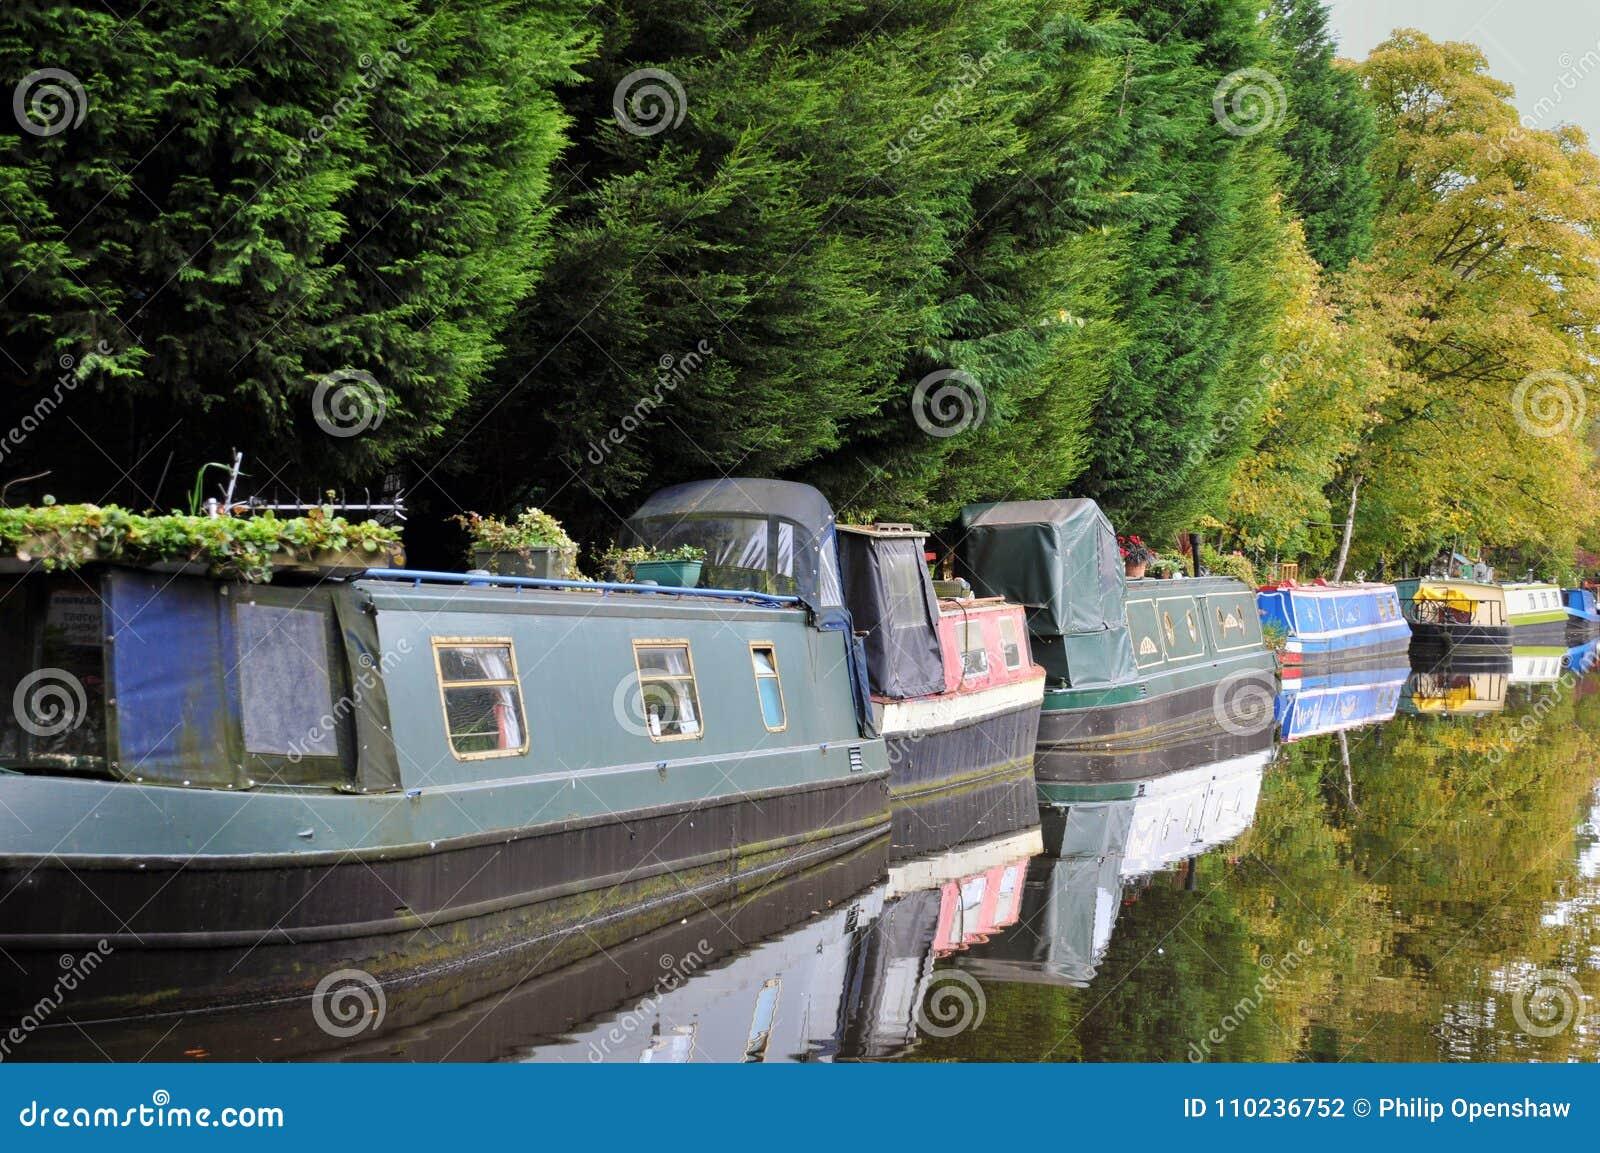 Linjen av traditionella smala fartyg och husbåtar förtöjde längs kanalen med träd reflekterade i lugna vattnet i sommar